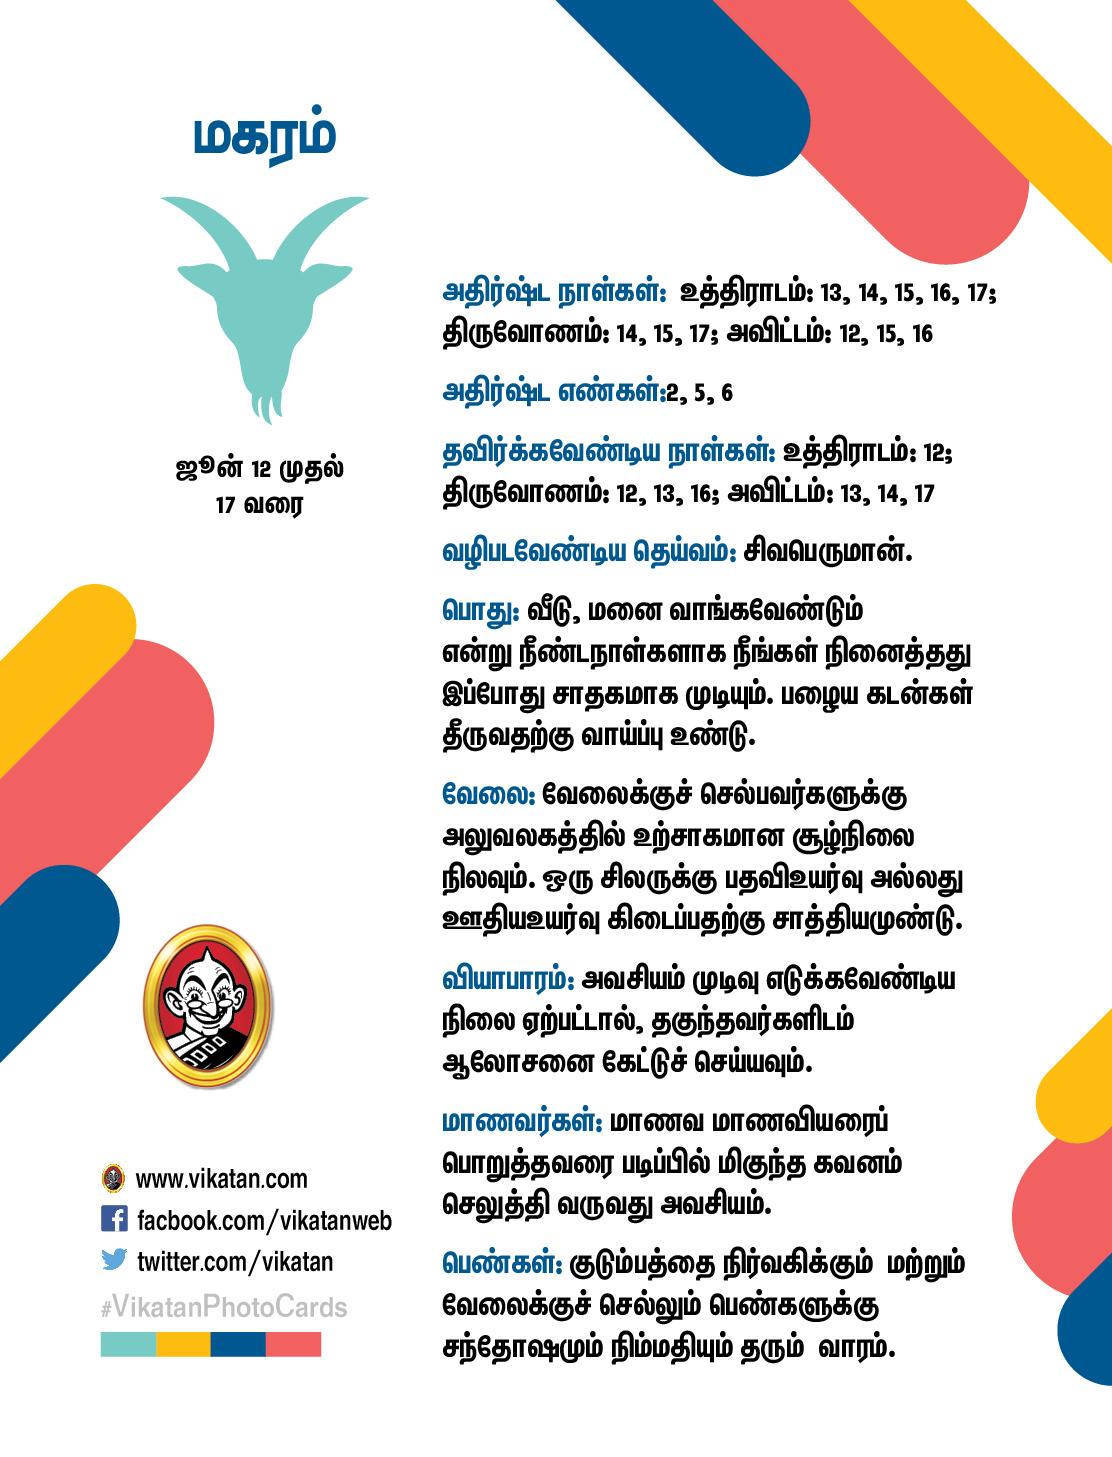 இந்த வார ராசி பலன் ஜூன் 12 முதல் 17 வரை #VikatanPhotoCards